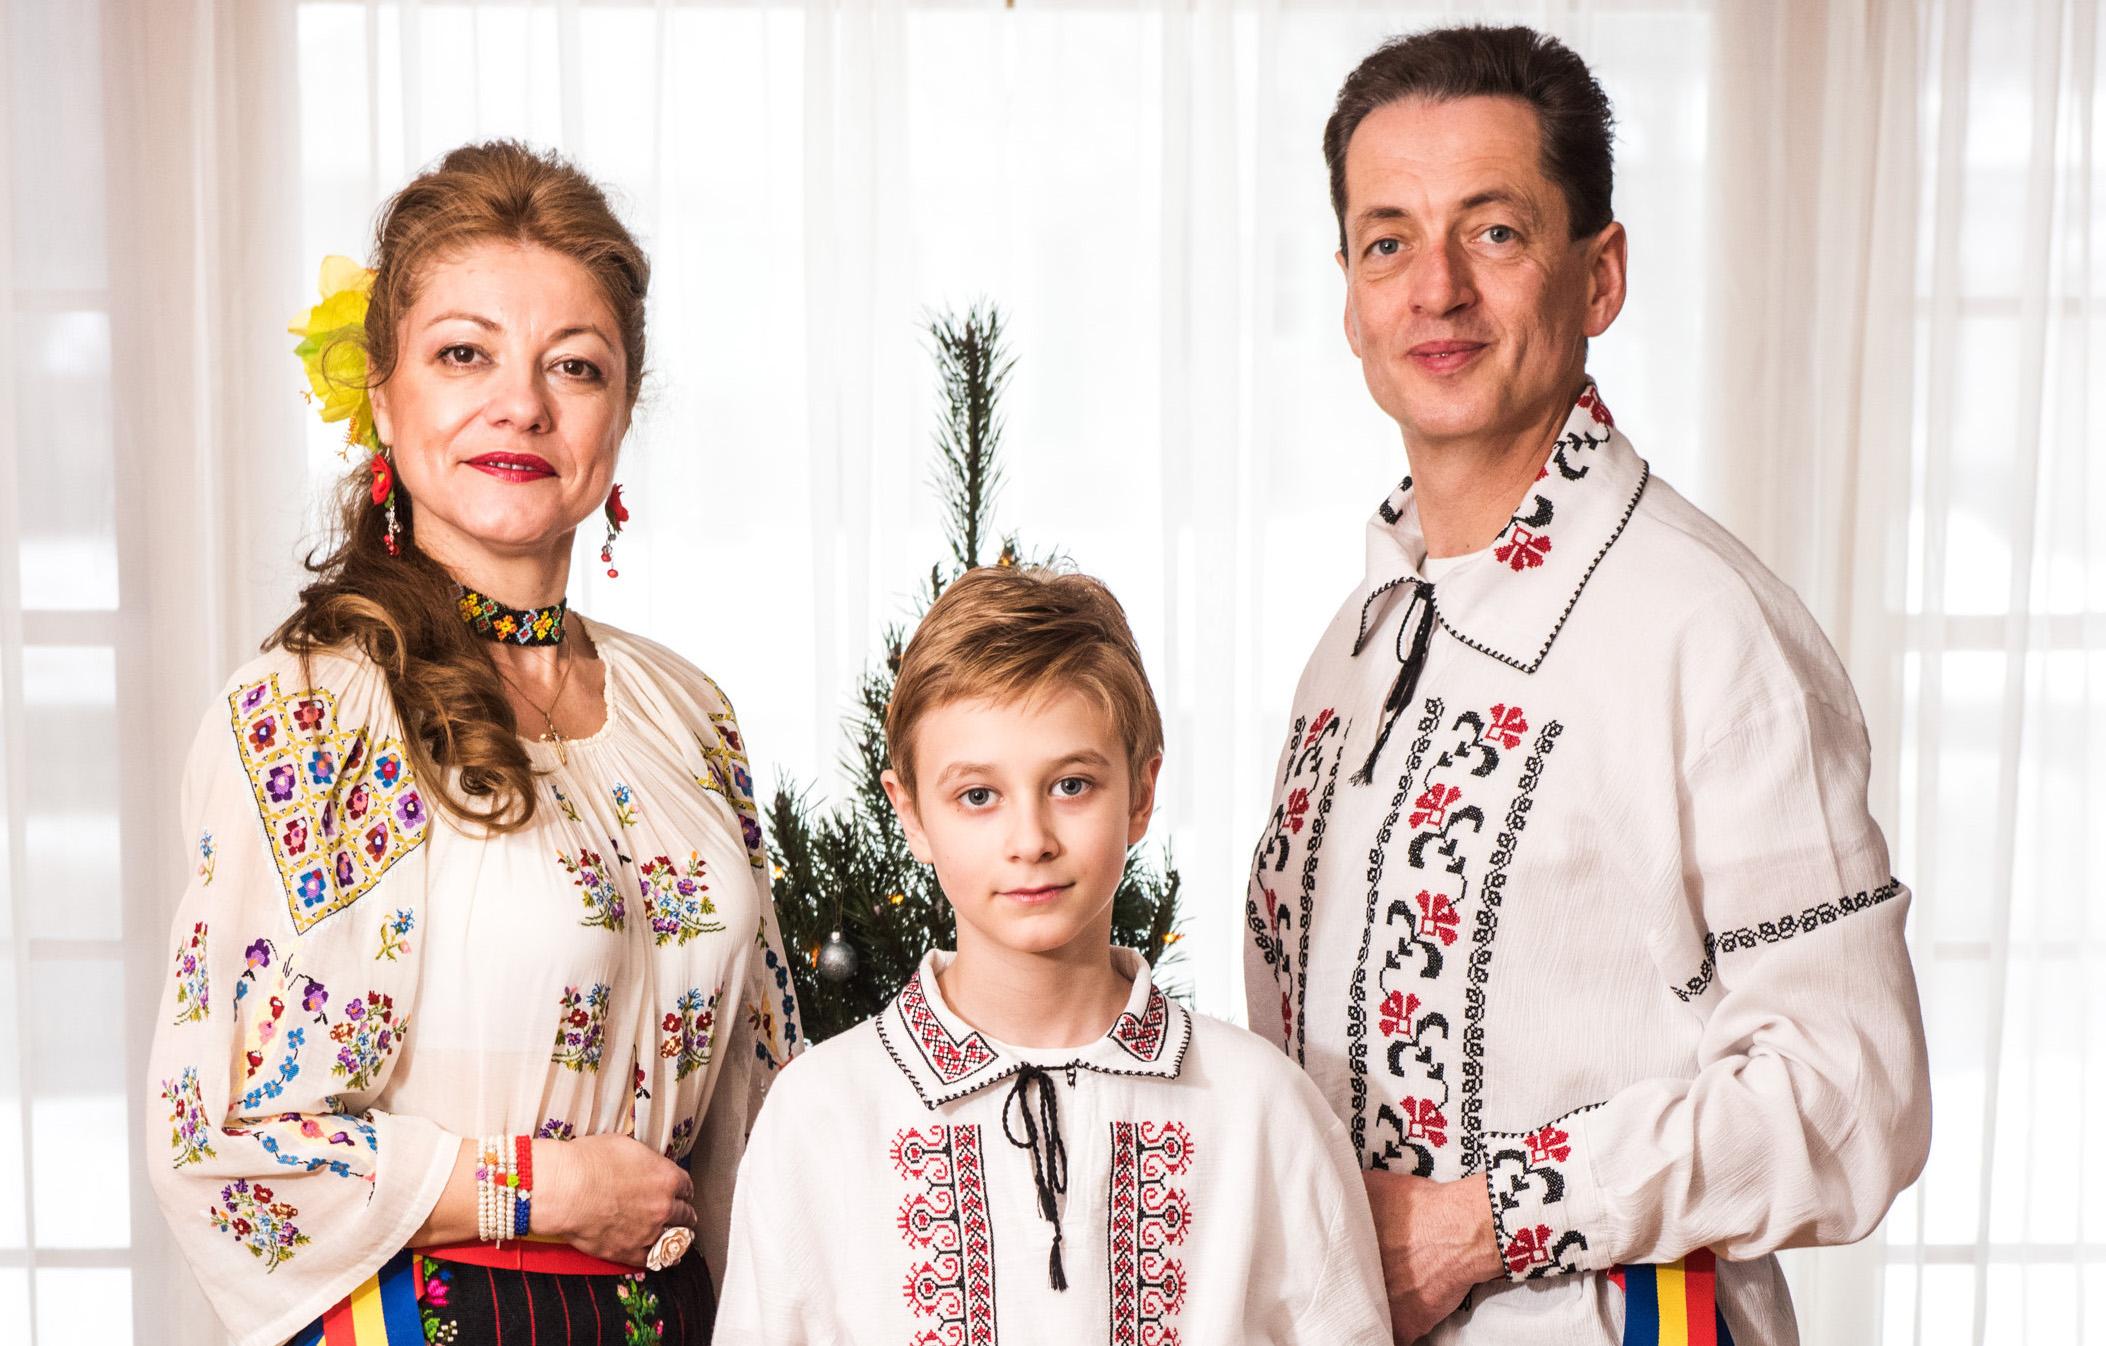 romanian-cernea-family-image